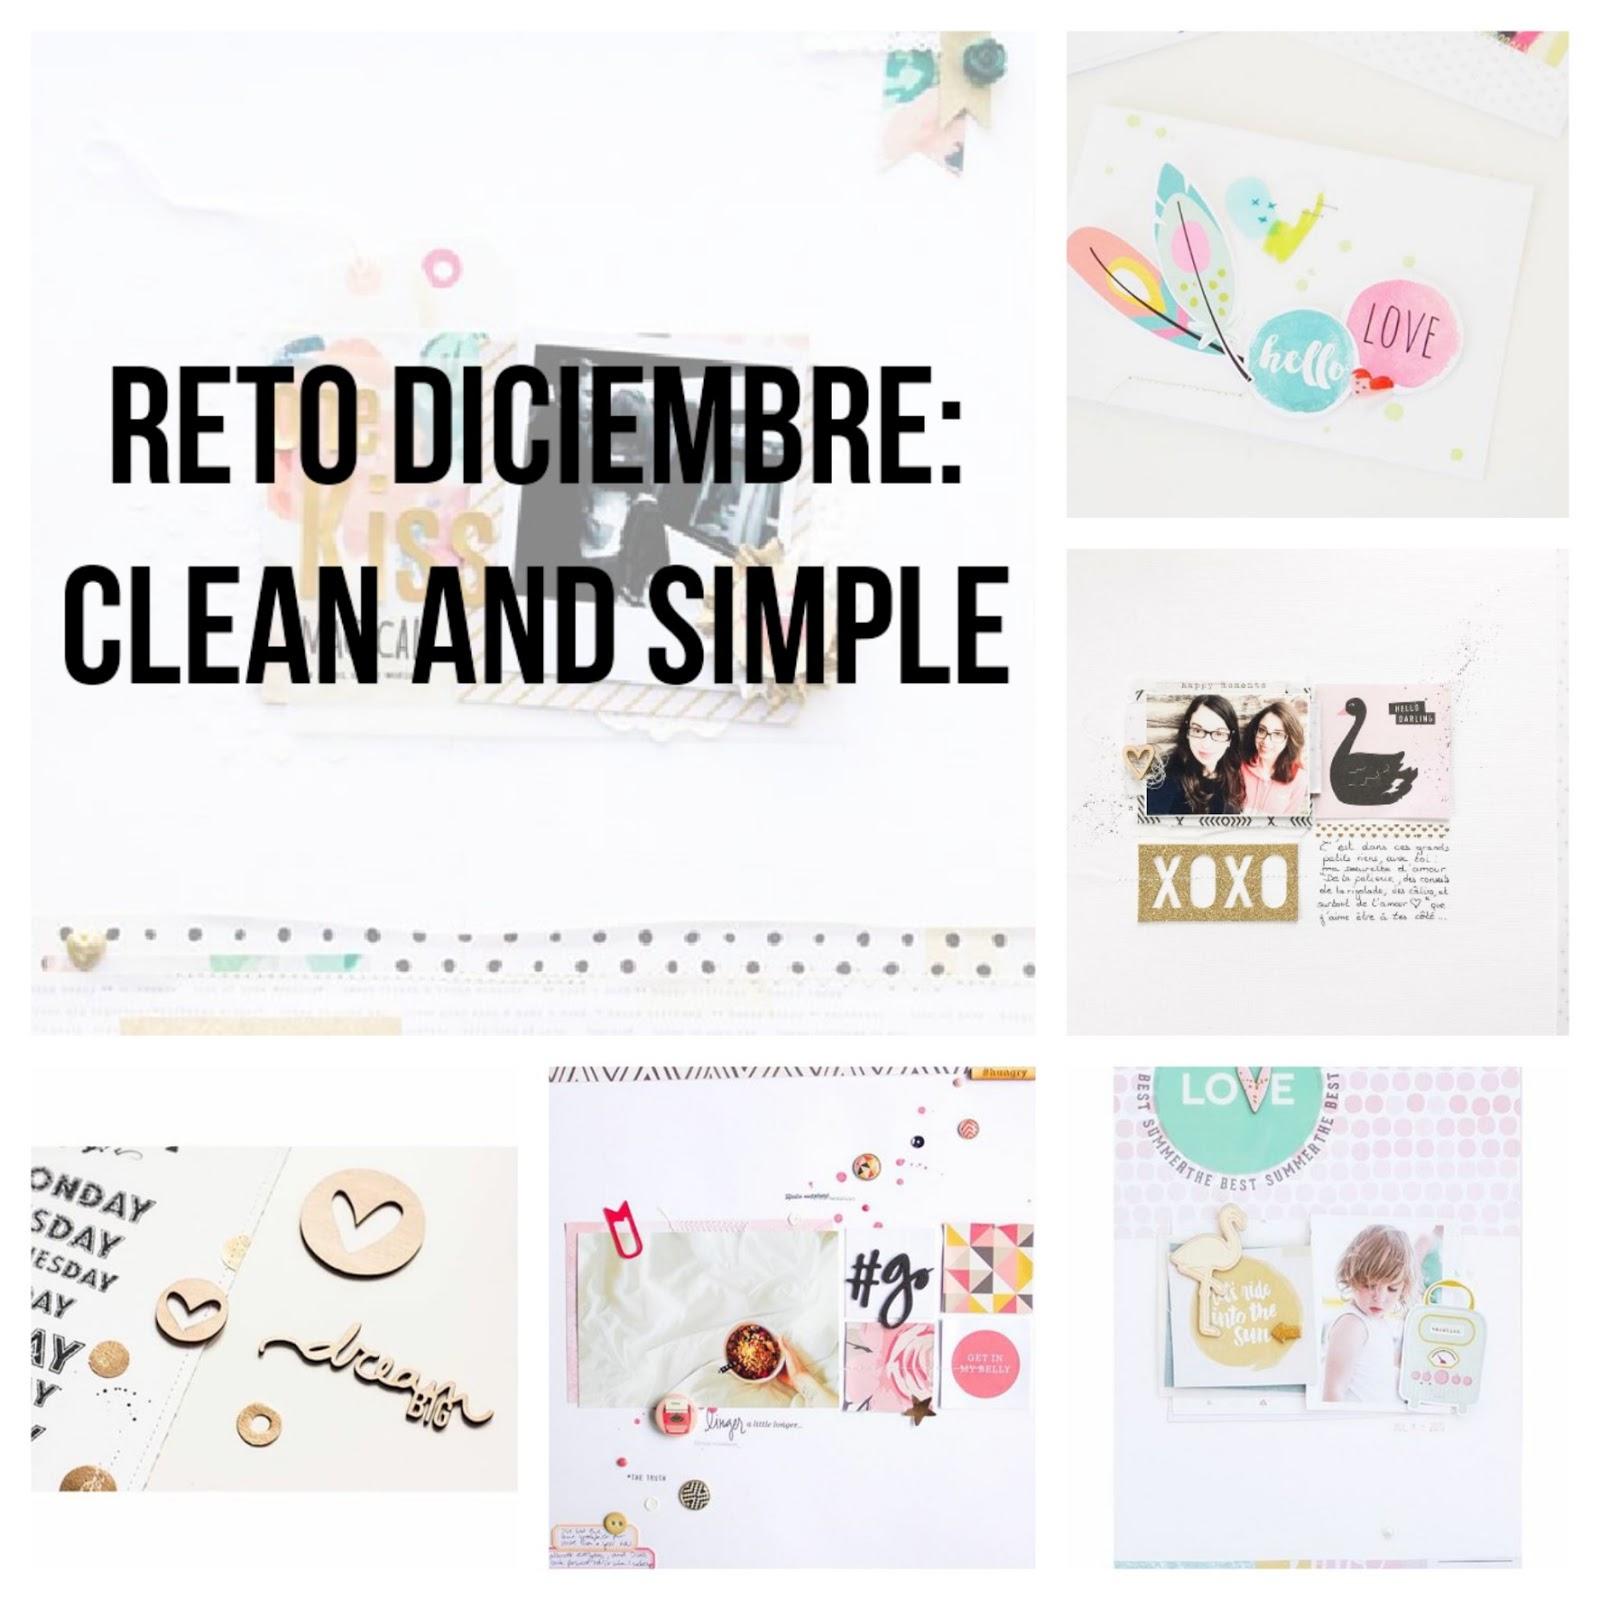 reto_diciembre_clean_and_simple1